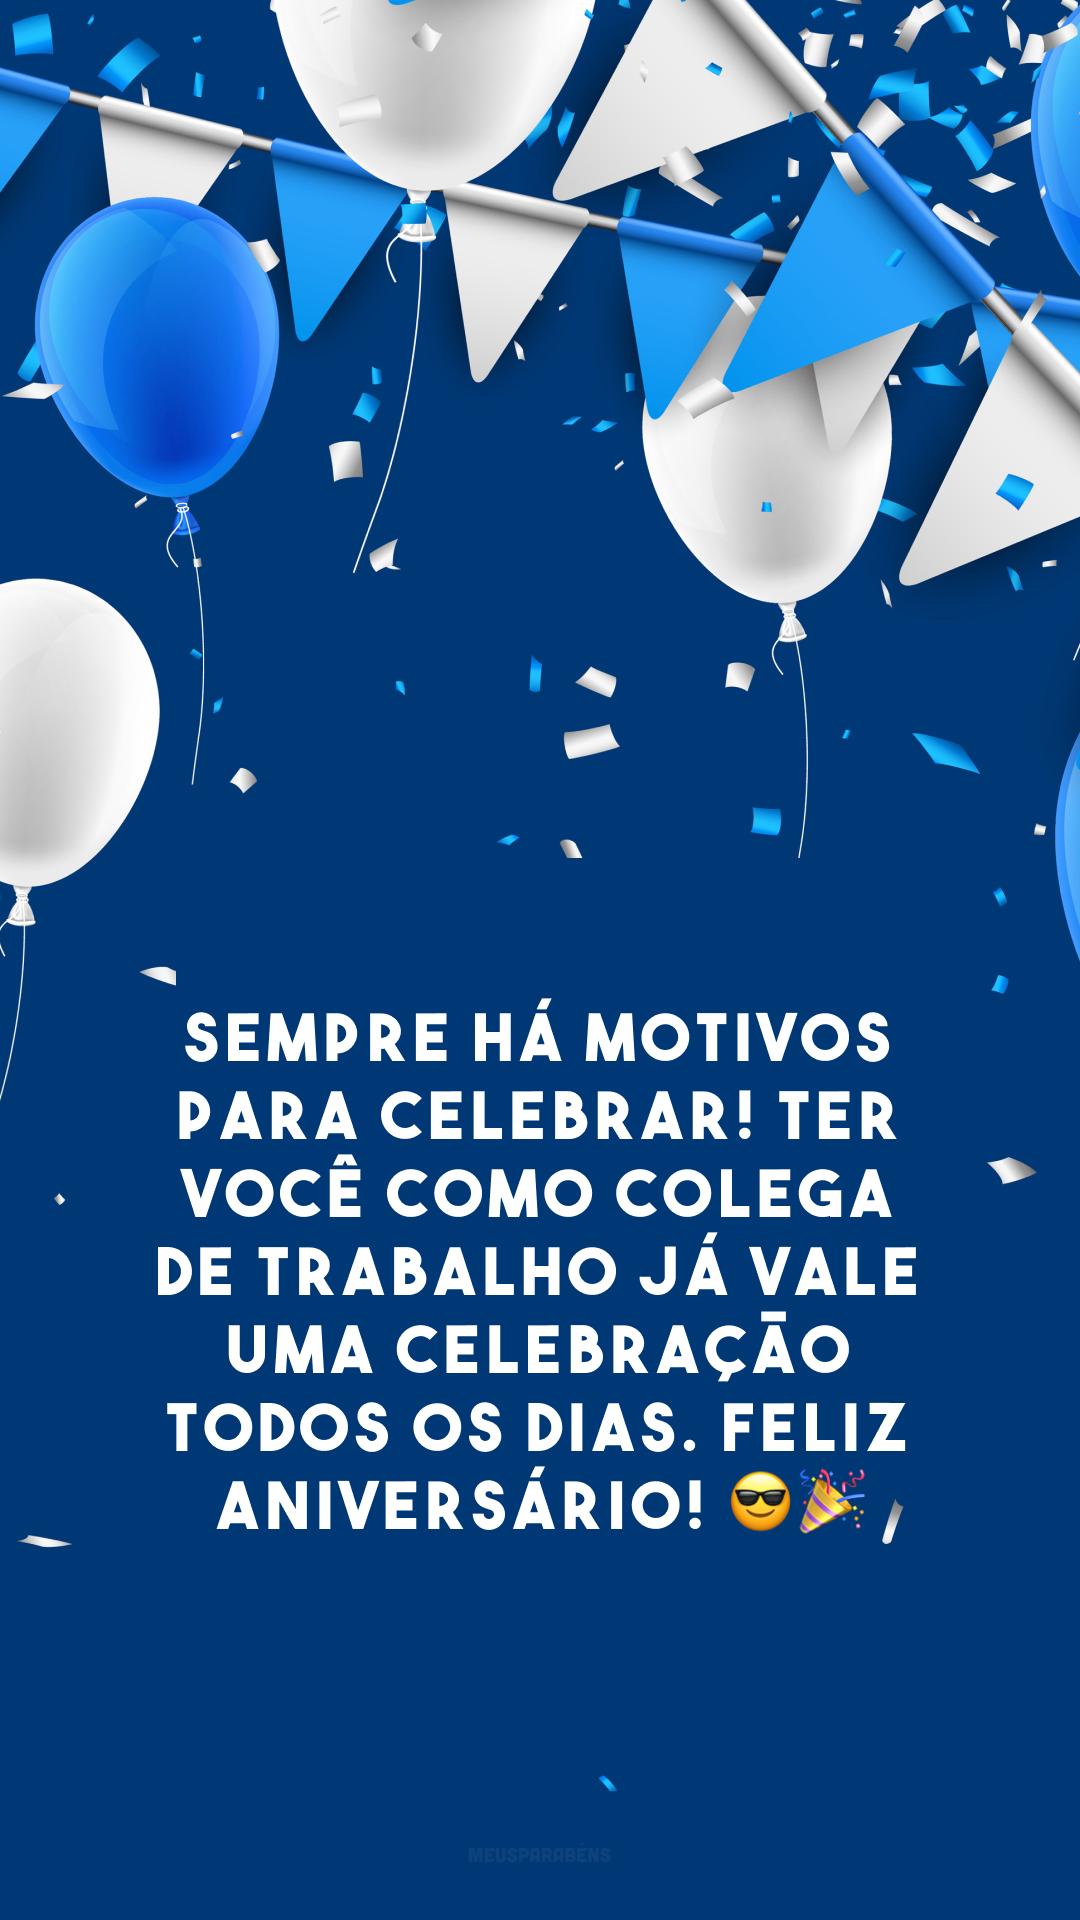 Sempre há motivos para celebrar! Ter você como colega de trabalho já vale uma celebração todos os dias. Feliz aniversário! 😎🎉